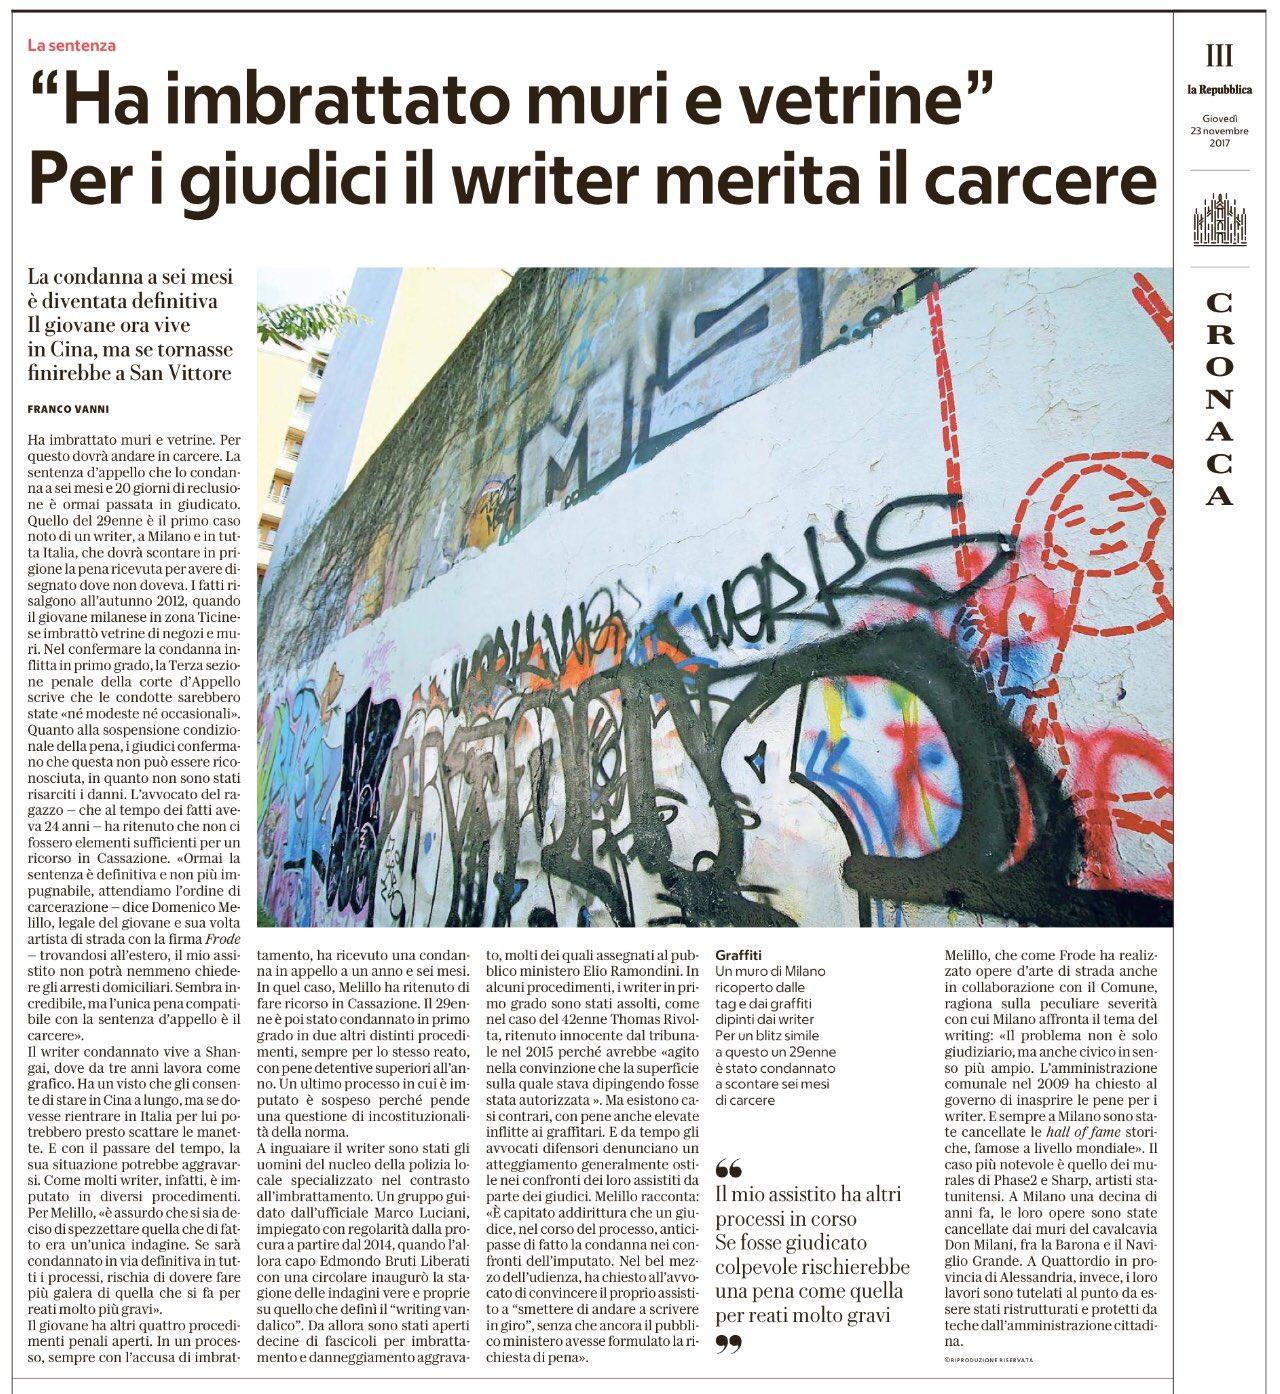 «Ha imbrattato muri e vetrine. Per i giudici il writer merita il carcere». Da Repubblica Milano, 23 novembre 2017.